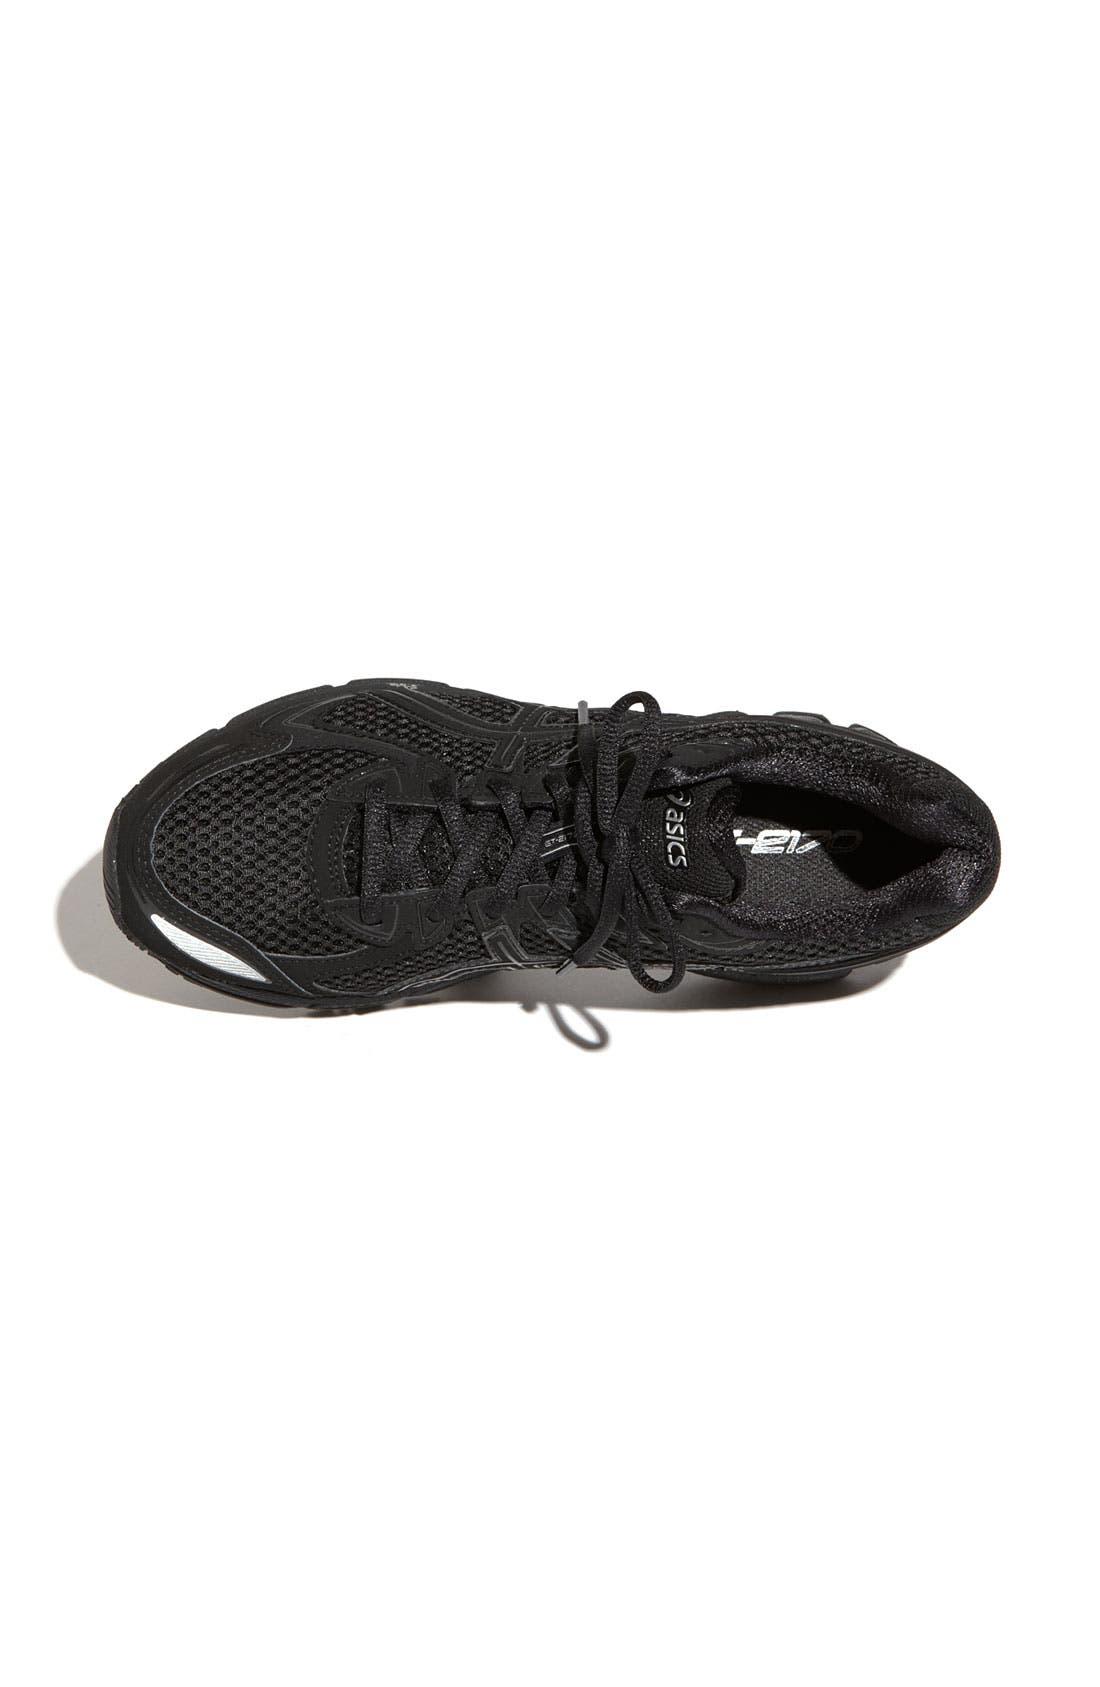 Alternate Image 3  - ASICS® 'GT 2170' Running Shoe (Men)